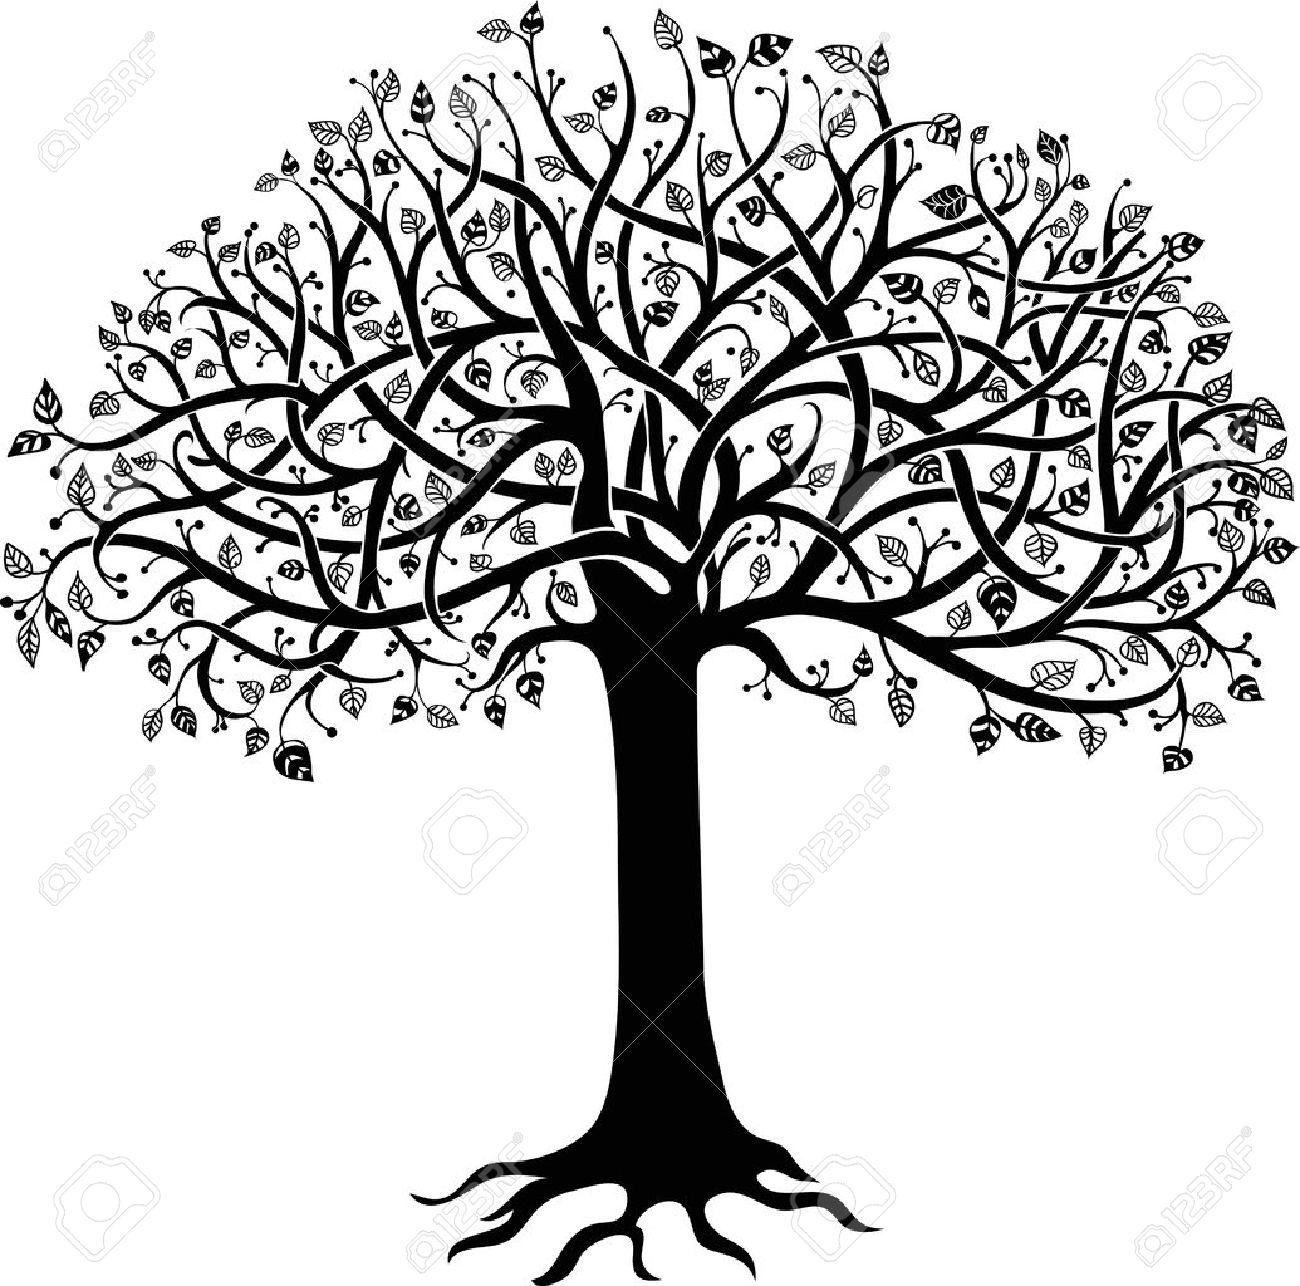 Negro Silueta De Un árbol Sobre Un Fondo Blanco Ilustraciones